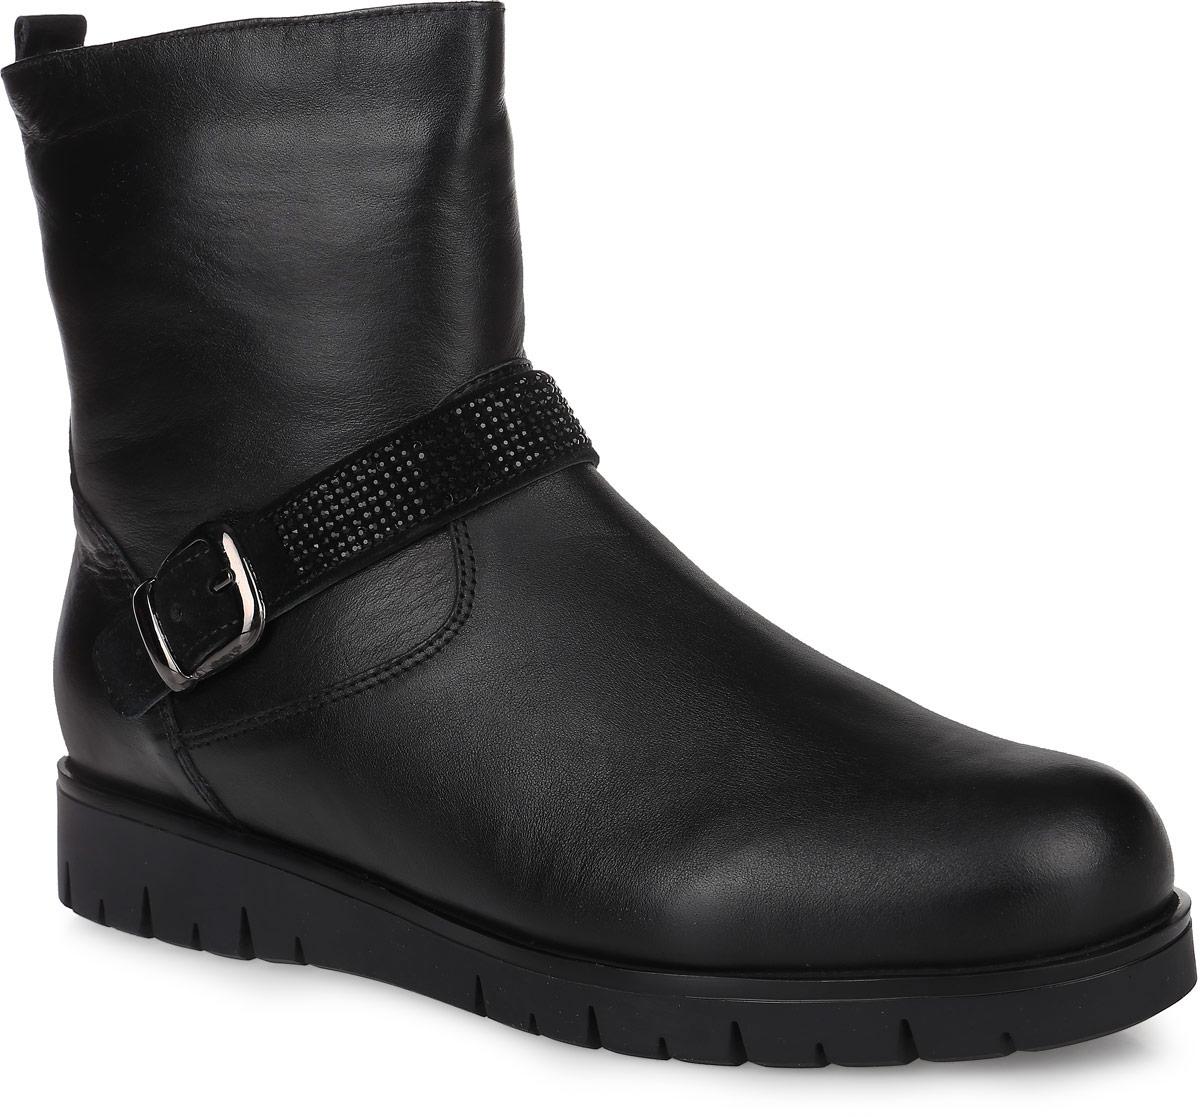 64230Полусапоги от Kapika придутся по душе вашей девочке. Модель выполнена из натуральной кожи, вокруг щиколотки оформлена замшевым ремешком с металлической пряжкой, декорированным стразами. Изделие на застежке-молнии, что позволит отлично зафиксировать обувь на ноге и облегчит процесс надевания. Подкладка и стелька изготовлены из 100% натуральной шерсти, что помогает сохранить тепло и гарантирует уют ногам. Подошва с рифлением обеспечивает идеальное сцепление с любыми поверхностями. Такие чудесные полусапоги займут достойное место в гардеробе вашего ребенка.